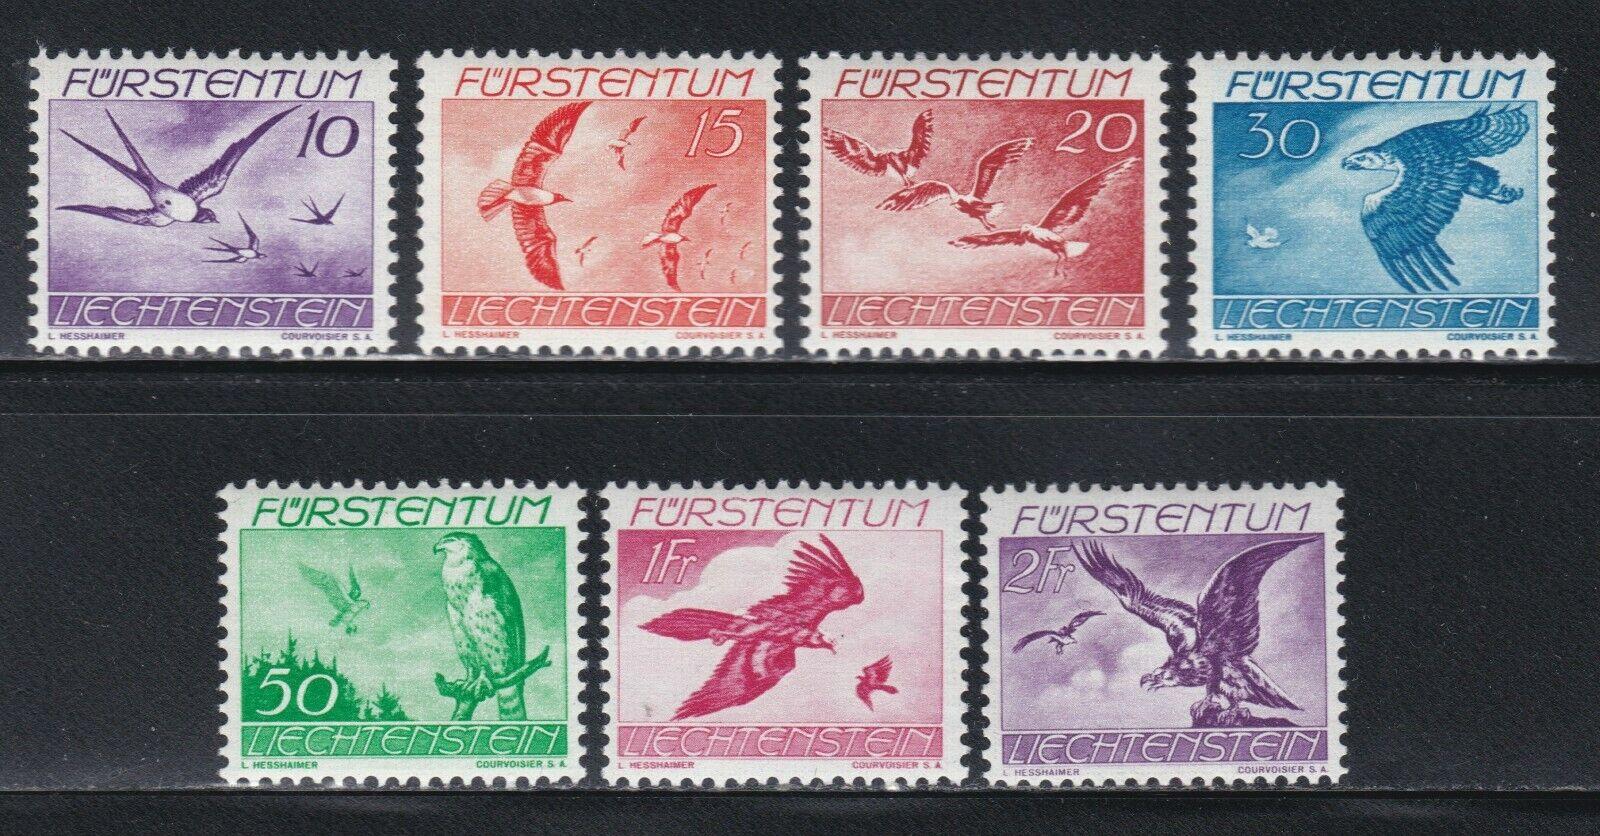 Liechtenstein - Scott s C17-23 - $4.50